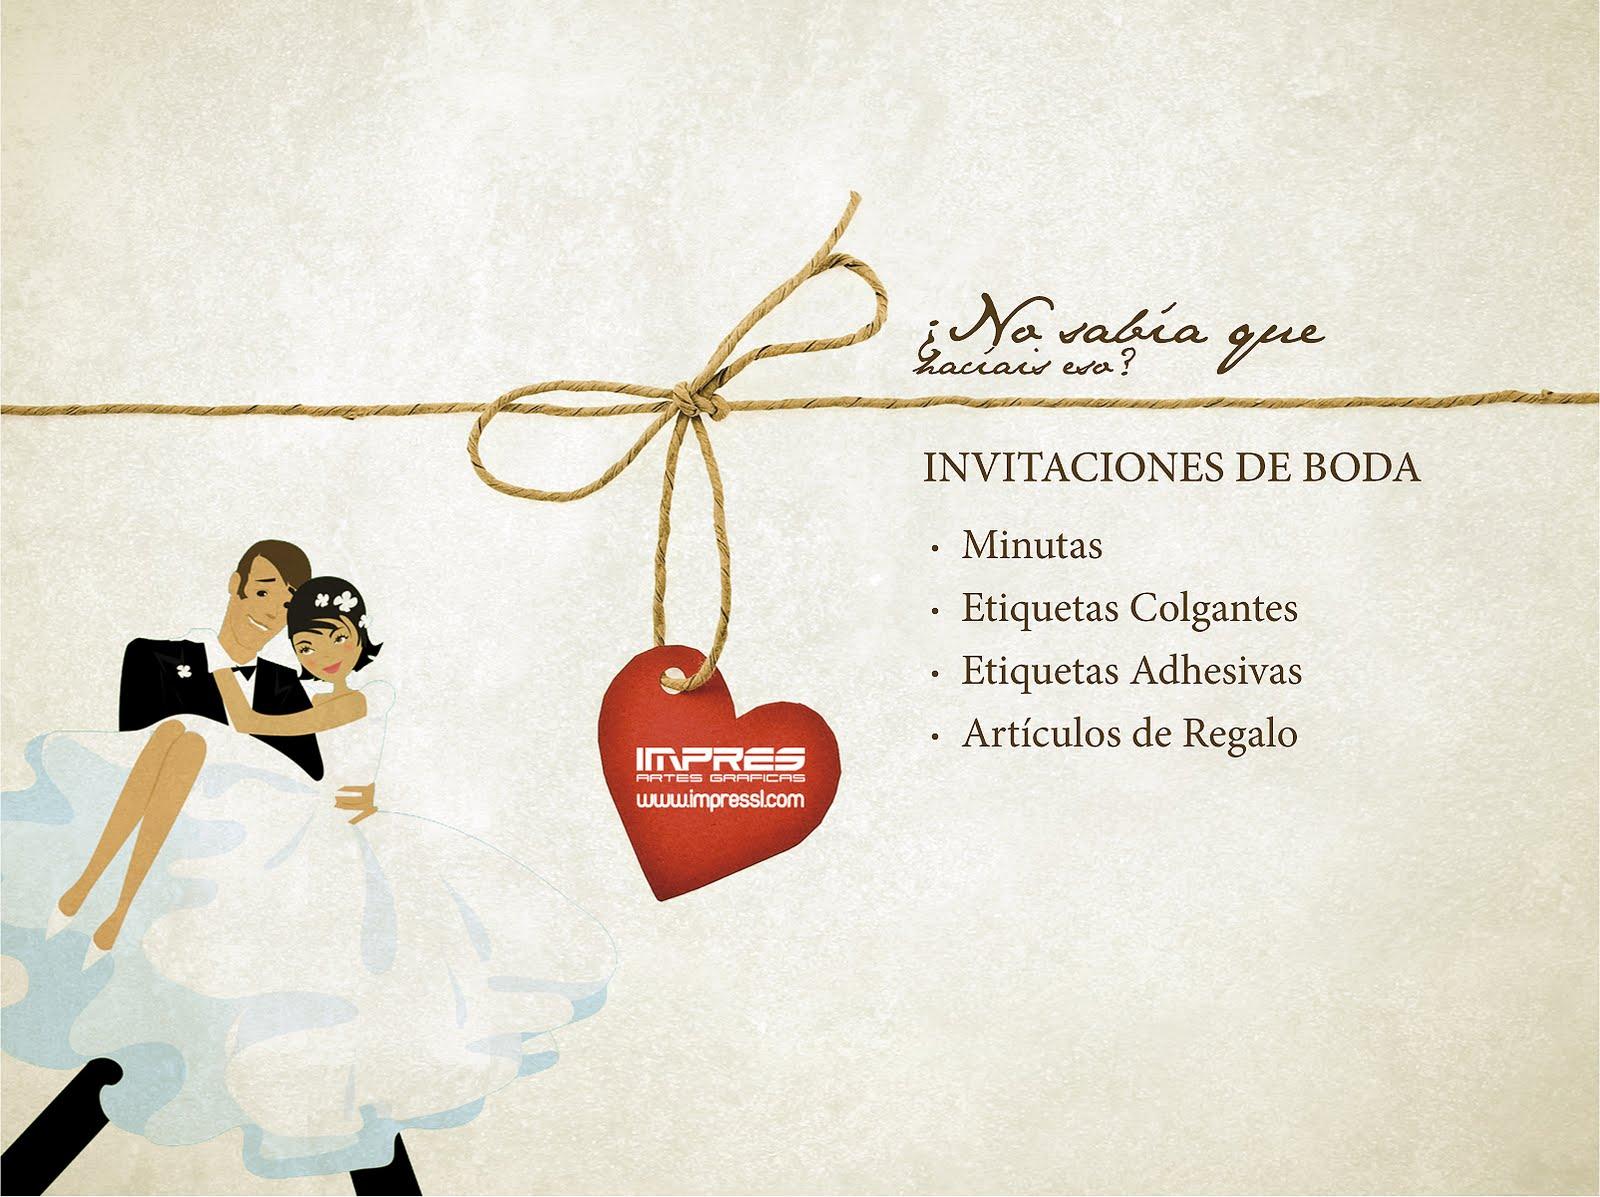 http://1.bp.blogspot.com/-rAHqbLRifDQ/TdItMFS1cZI/AAAAAAAAARA/-zDmsLA19Is/s1600/wallpaper_invitaciones+bodas-01.jpg